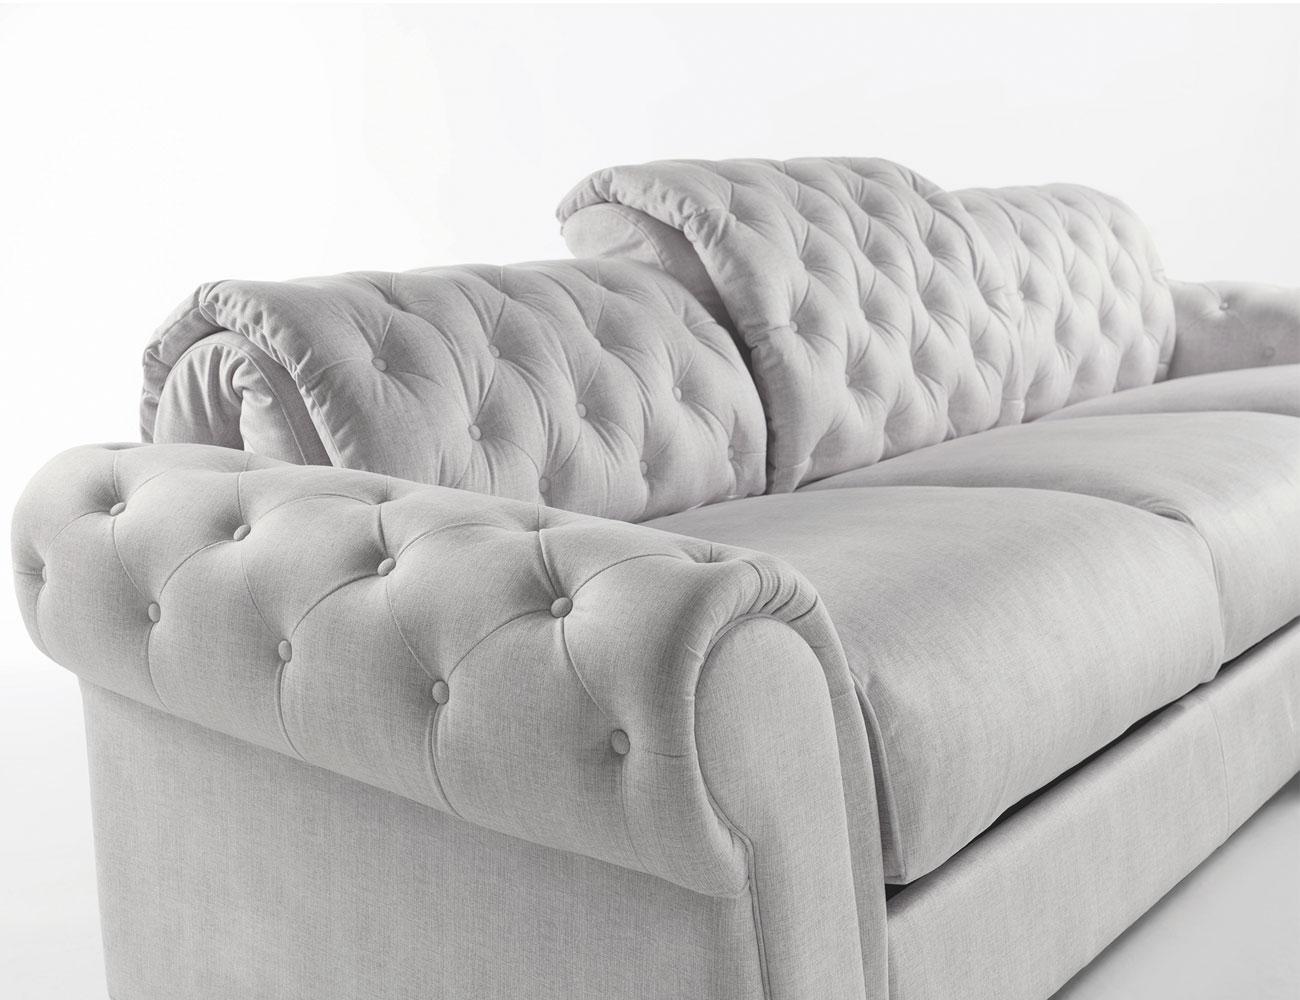 Sofa chaiselongue gran lujo decorativo capitone blanco tela 132